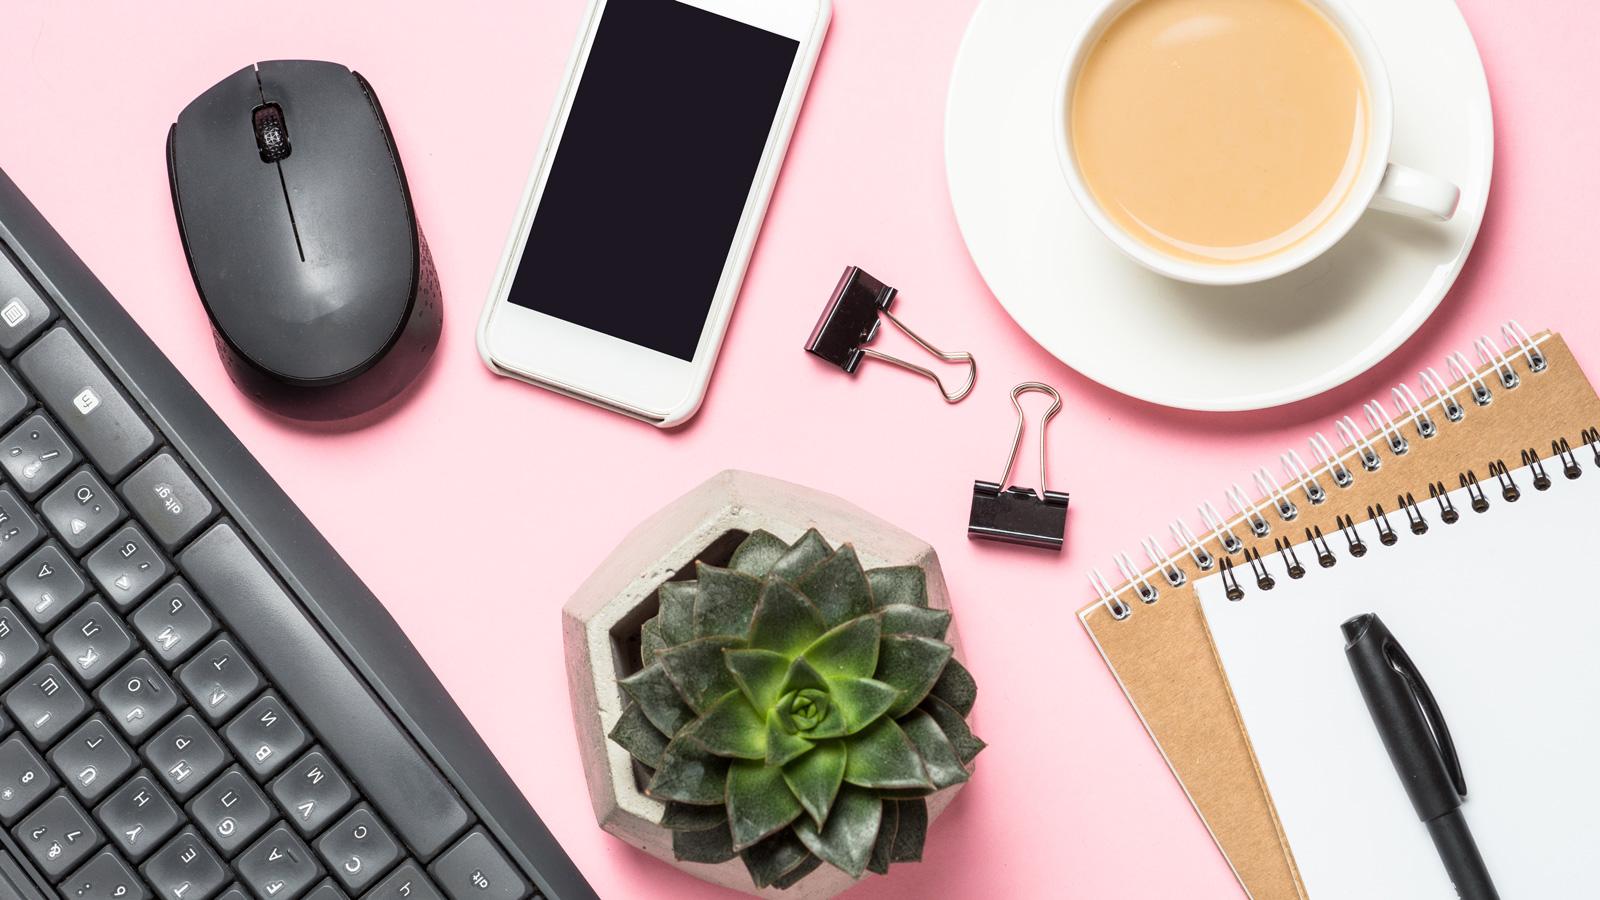 3 wskazówki: Jak lepiej pracować z domu? porady mediarun biurko office dom zdalna 2020